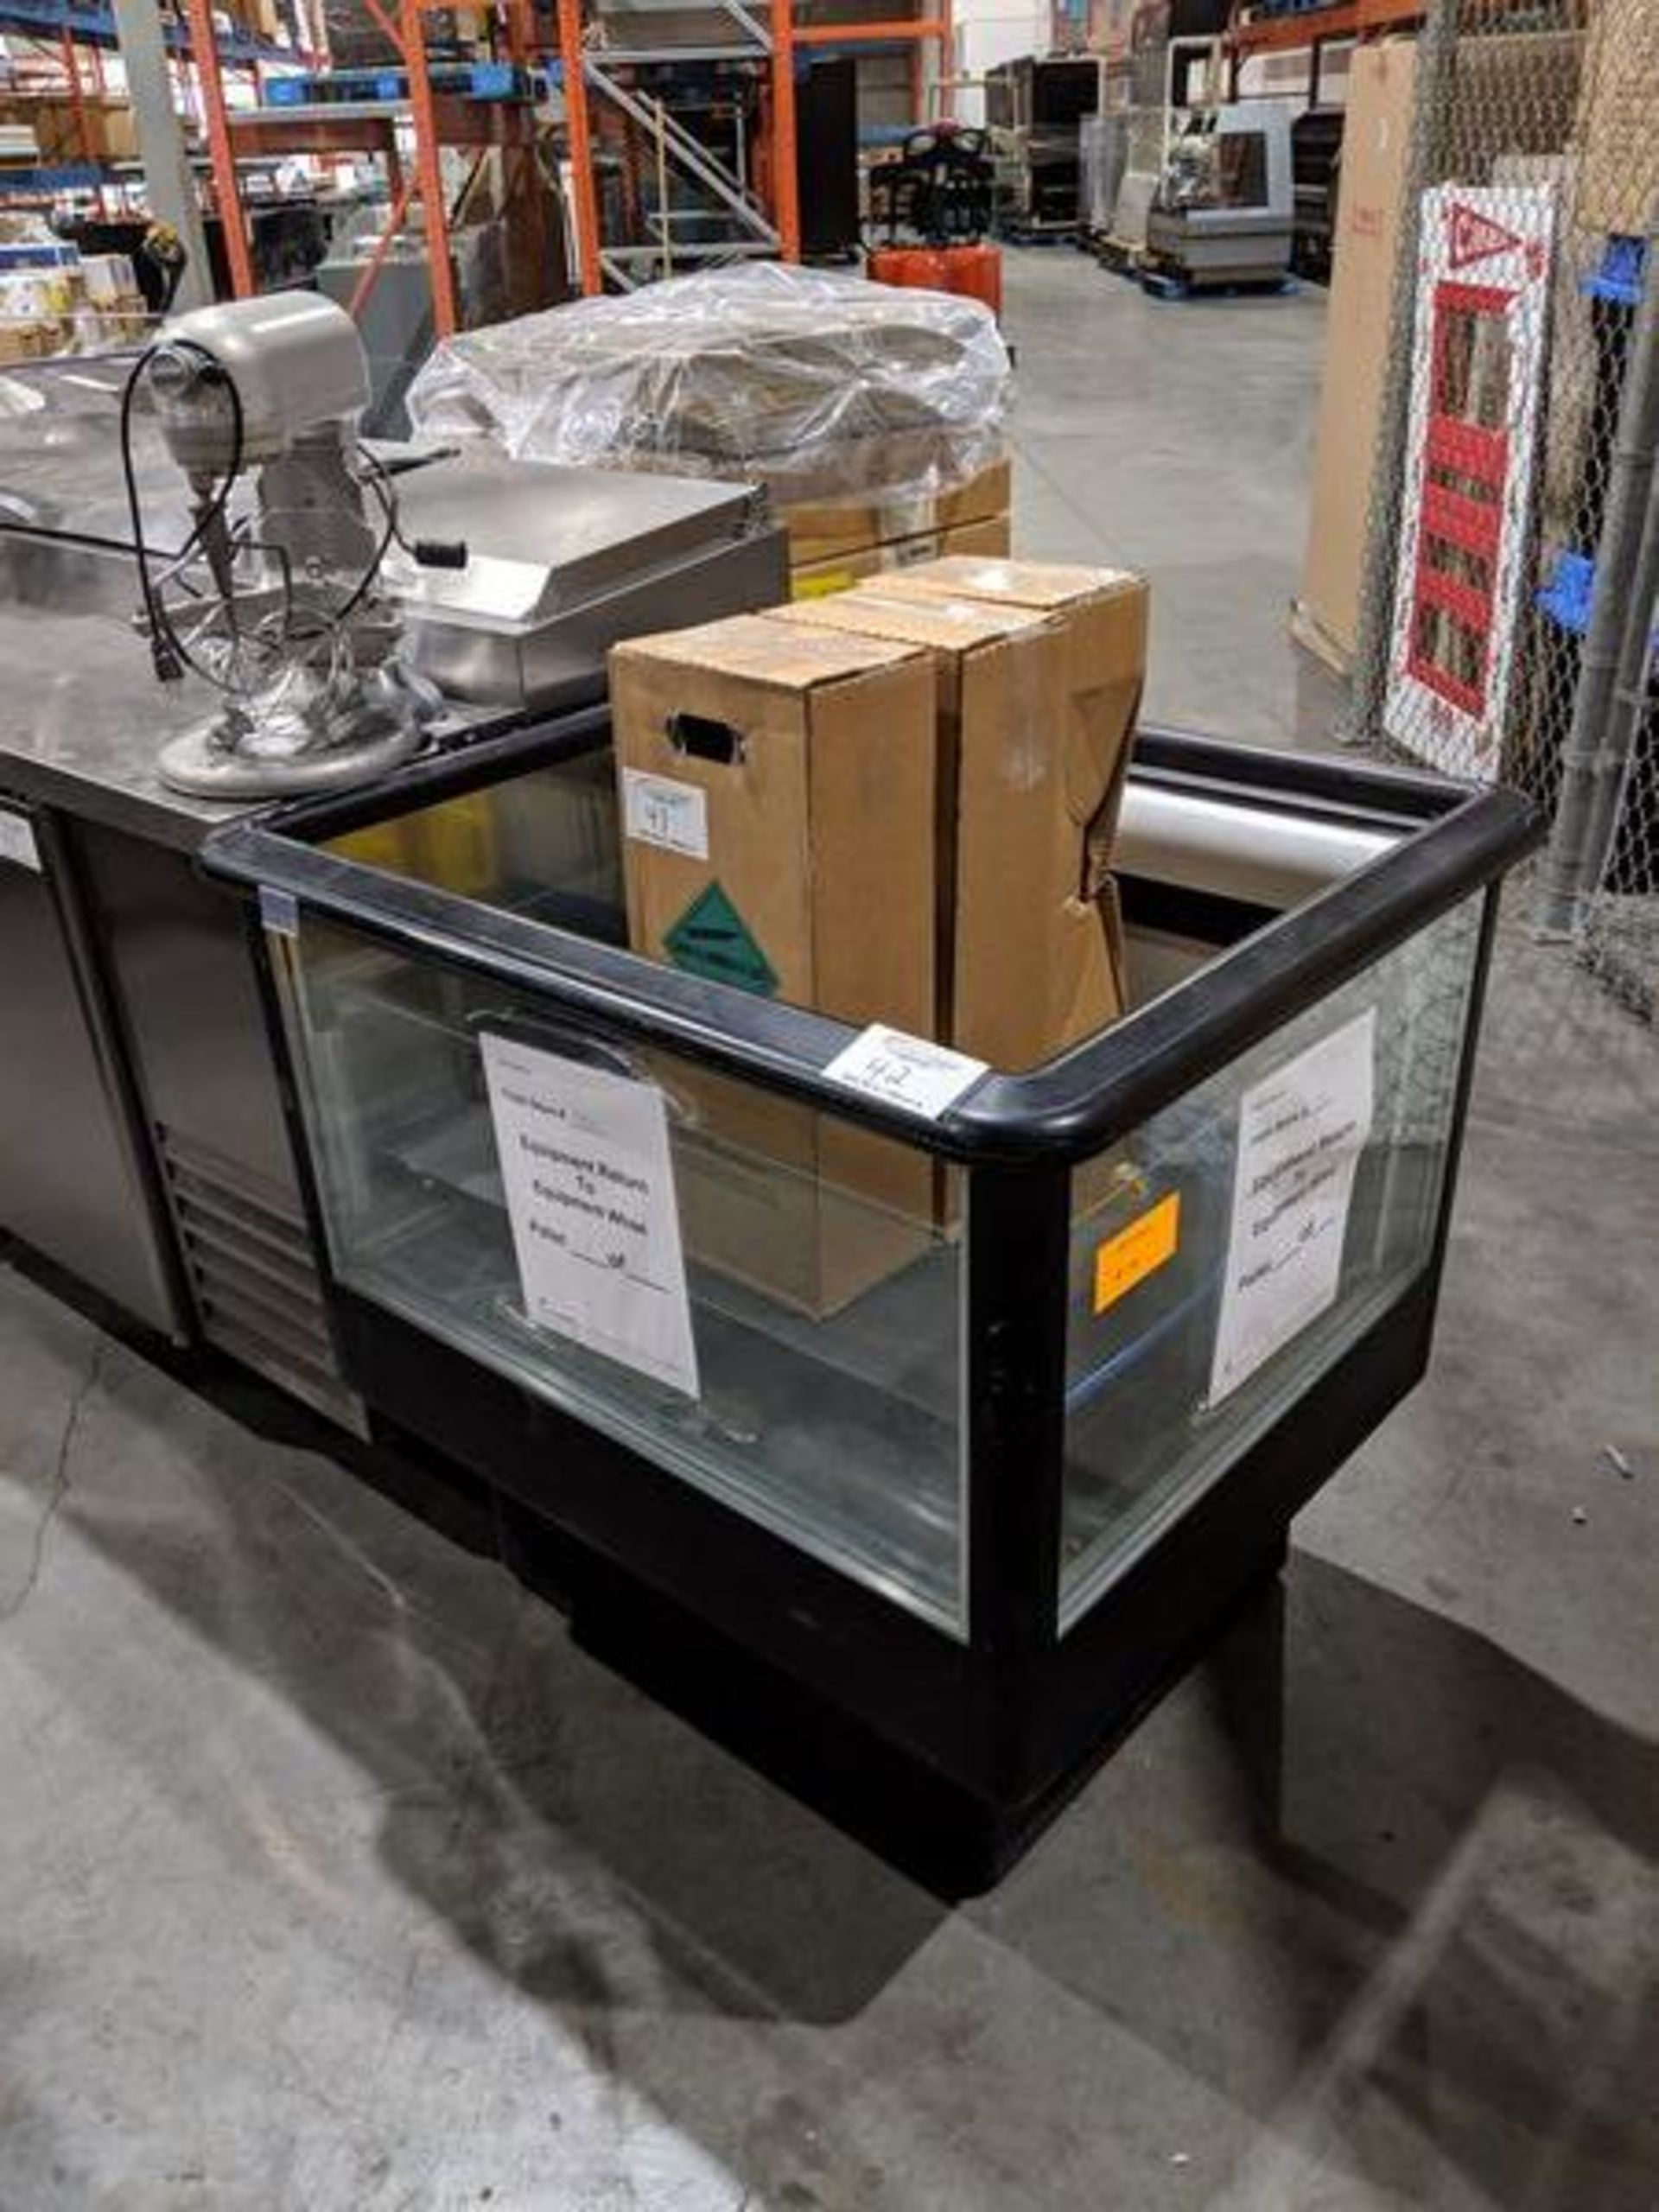 Lot 42 - Refrigerated Spot Merchandiser